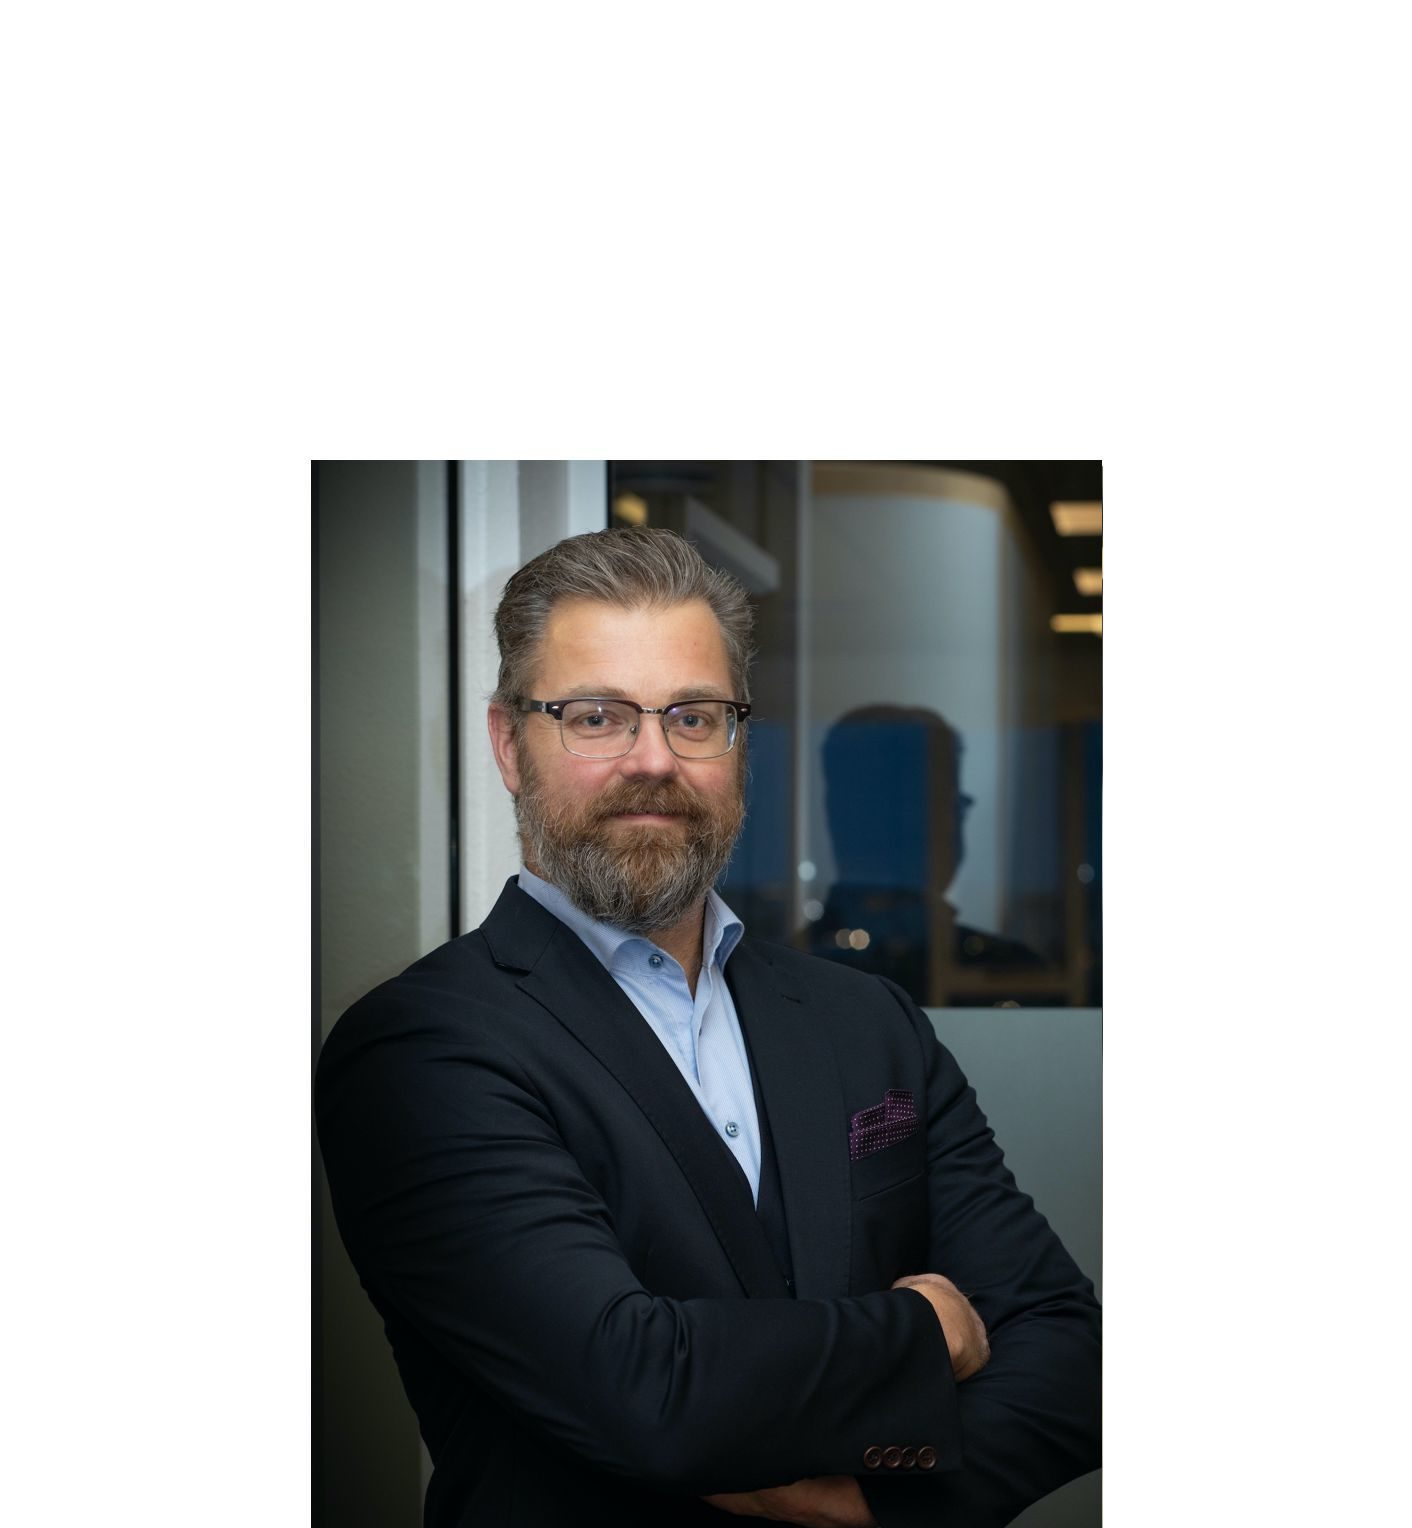 Dr. Alexander Schepsky | Marketing & Sales Manager